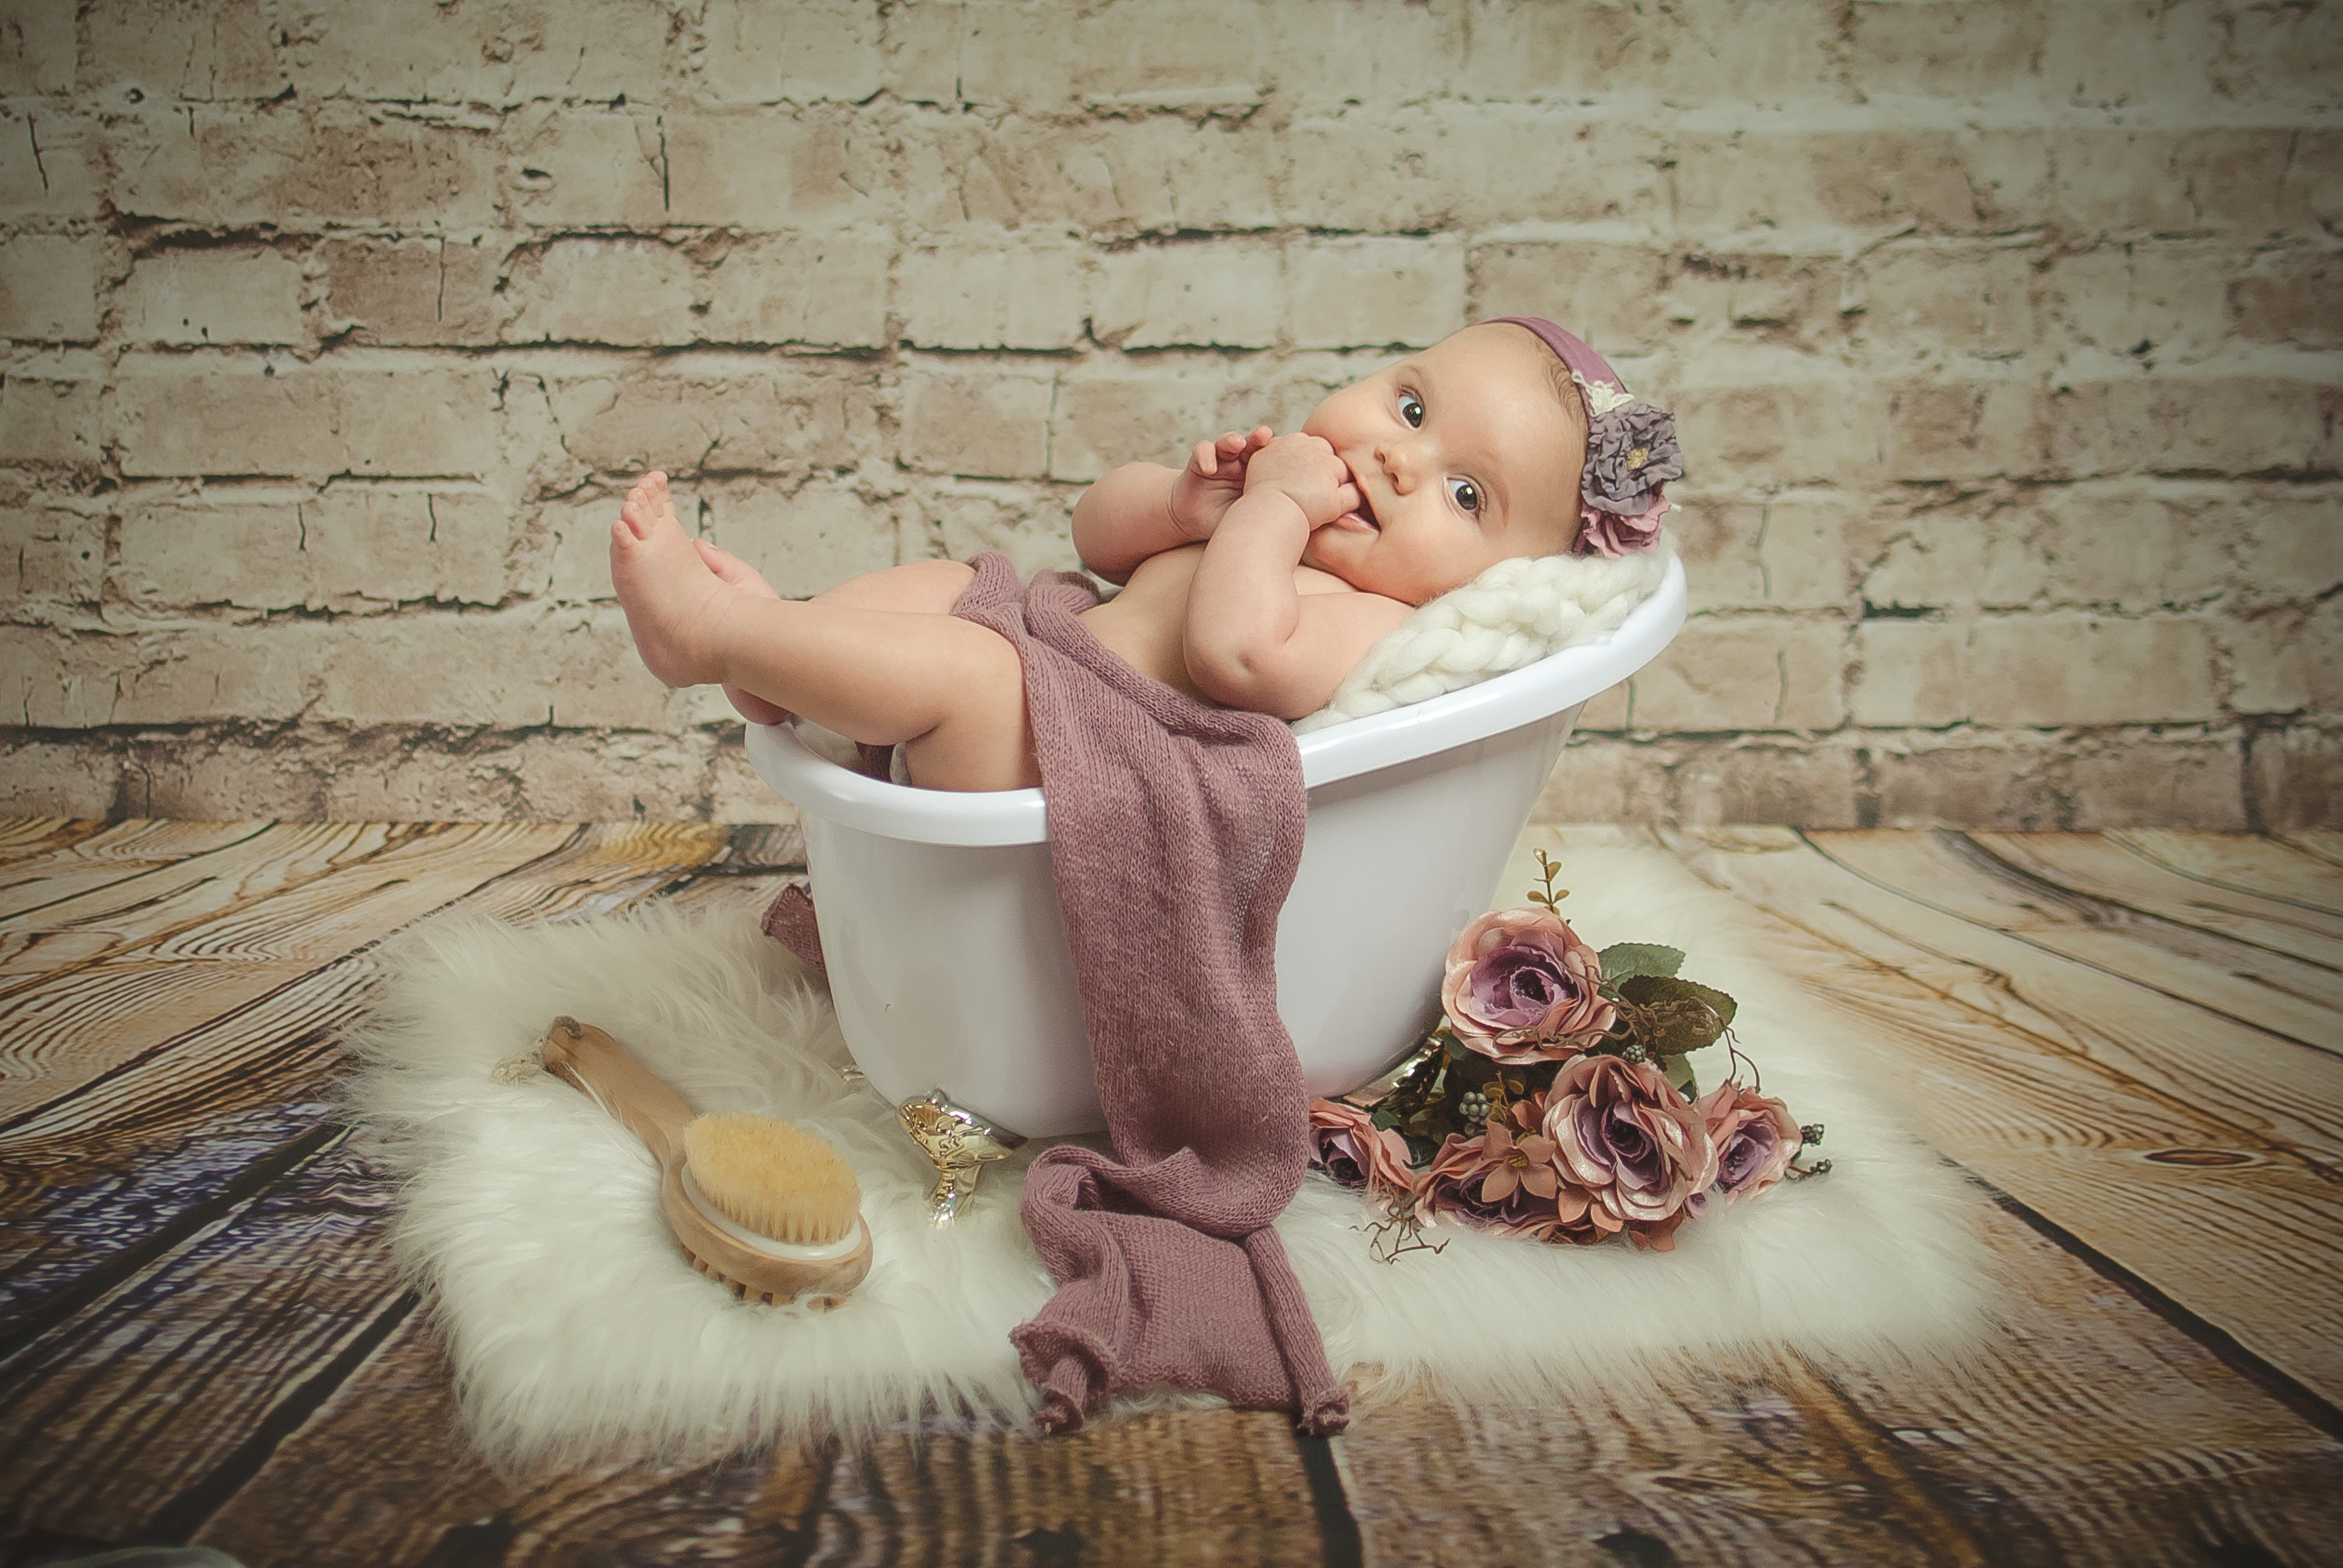 Contate Acompanhamento de Bebês - Recém-Nascido - Smash the Cake